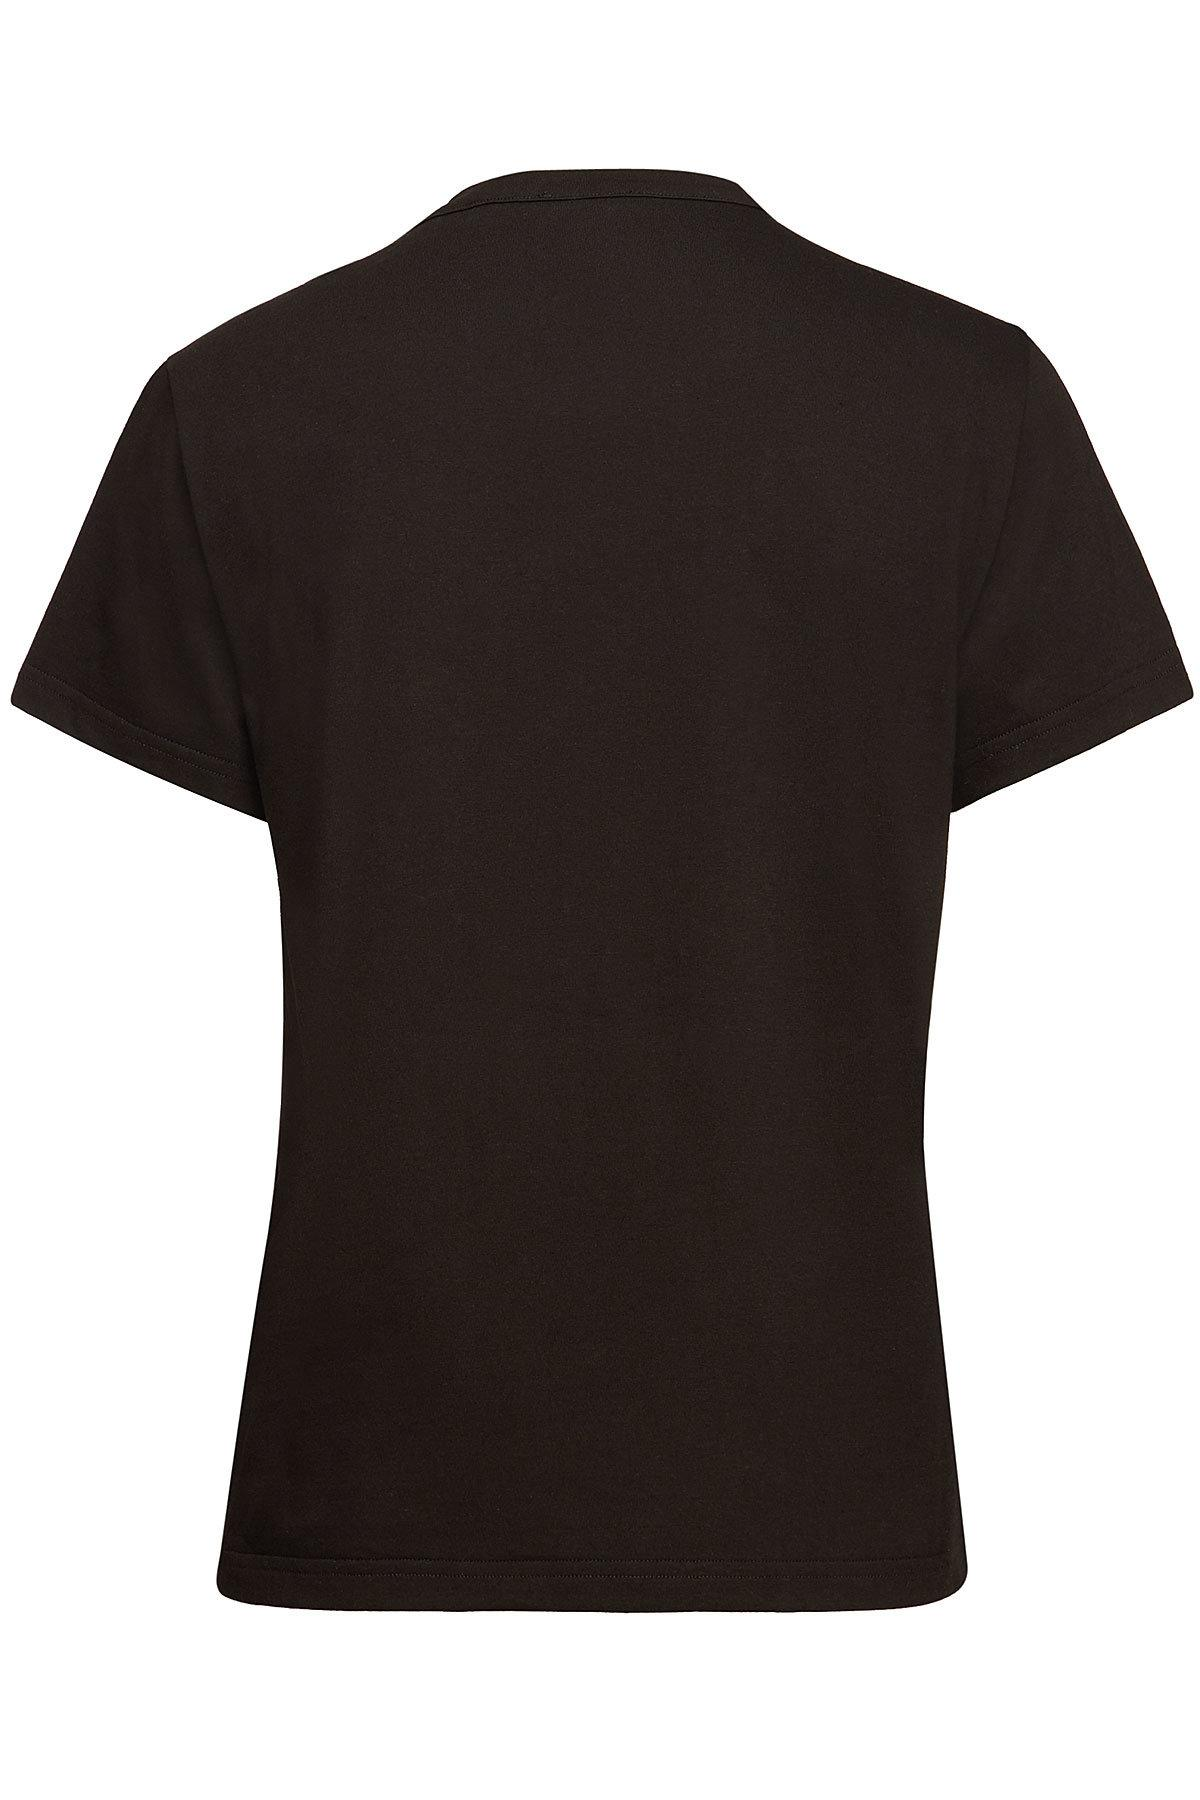 01896c316 Moncler Genius 6 Moncler Noir Kei Ninomiya Embellished Cotton T ...